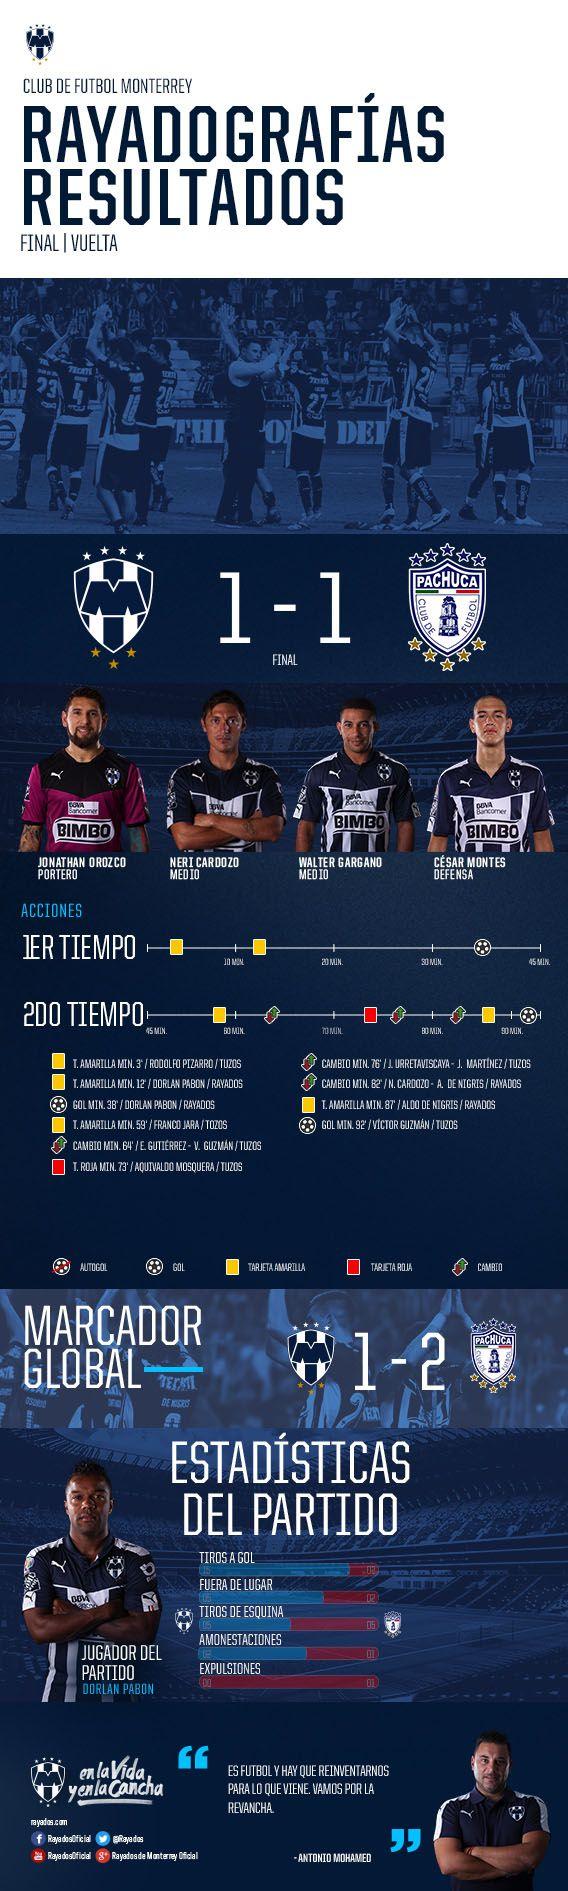 Luchando hasta el último instante, el Monterrey cerró el Clausura 2016 de la Liga BBVA Bancomer con el reconocimiento de la Mejor Afición tras su actuación en la Final ante Pachuca.